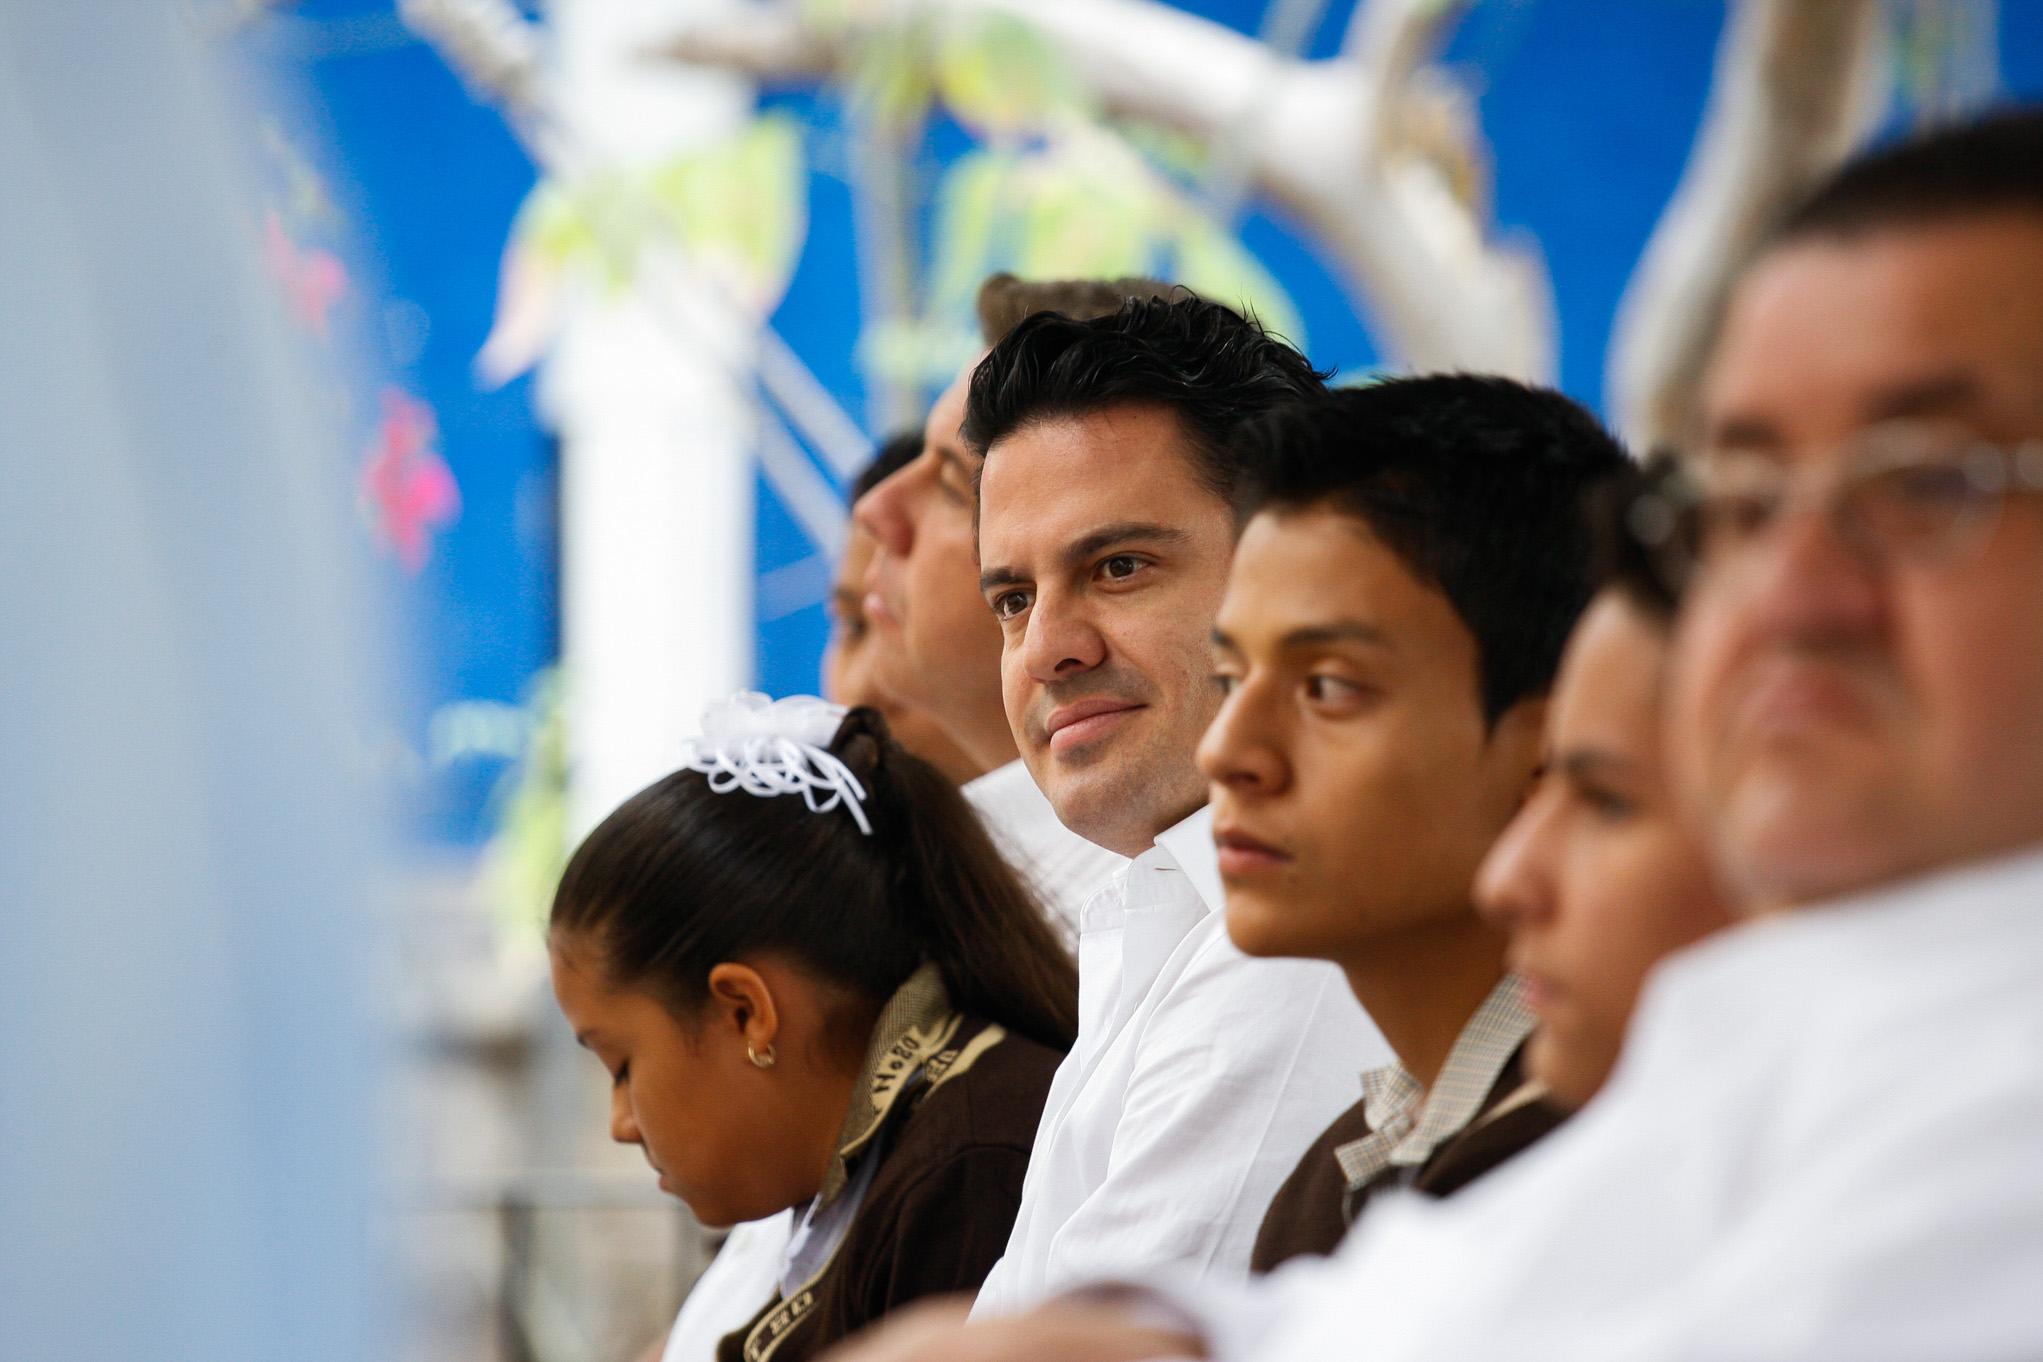 Ante los desafíos que trae consigo la era digital, el Gobierno de Jalisco refrenda su compromiso de apoyar sustancialmente su sistema educativo, lo que incluye la dotación de herramientas tecnológicas a los planteles escolares para optimizar el aprendizaje de los estudiantes, destacó el Gobernador de Jalisco, Jorge Aristóteles Sandoval Díaz.